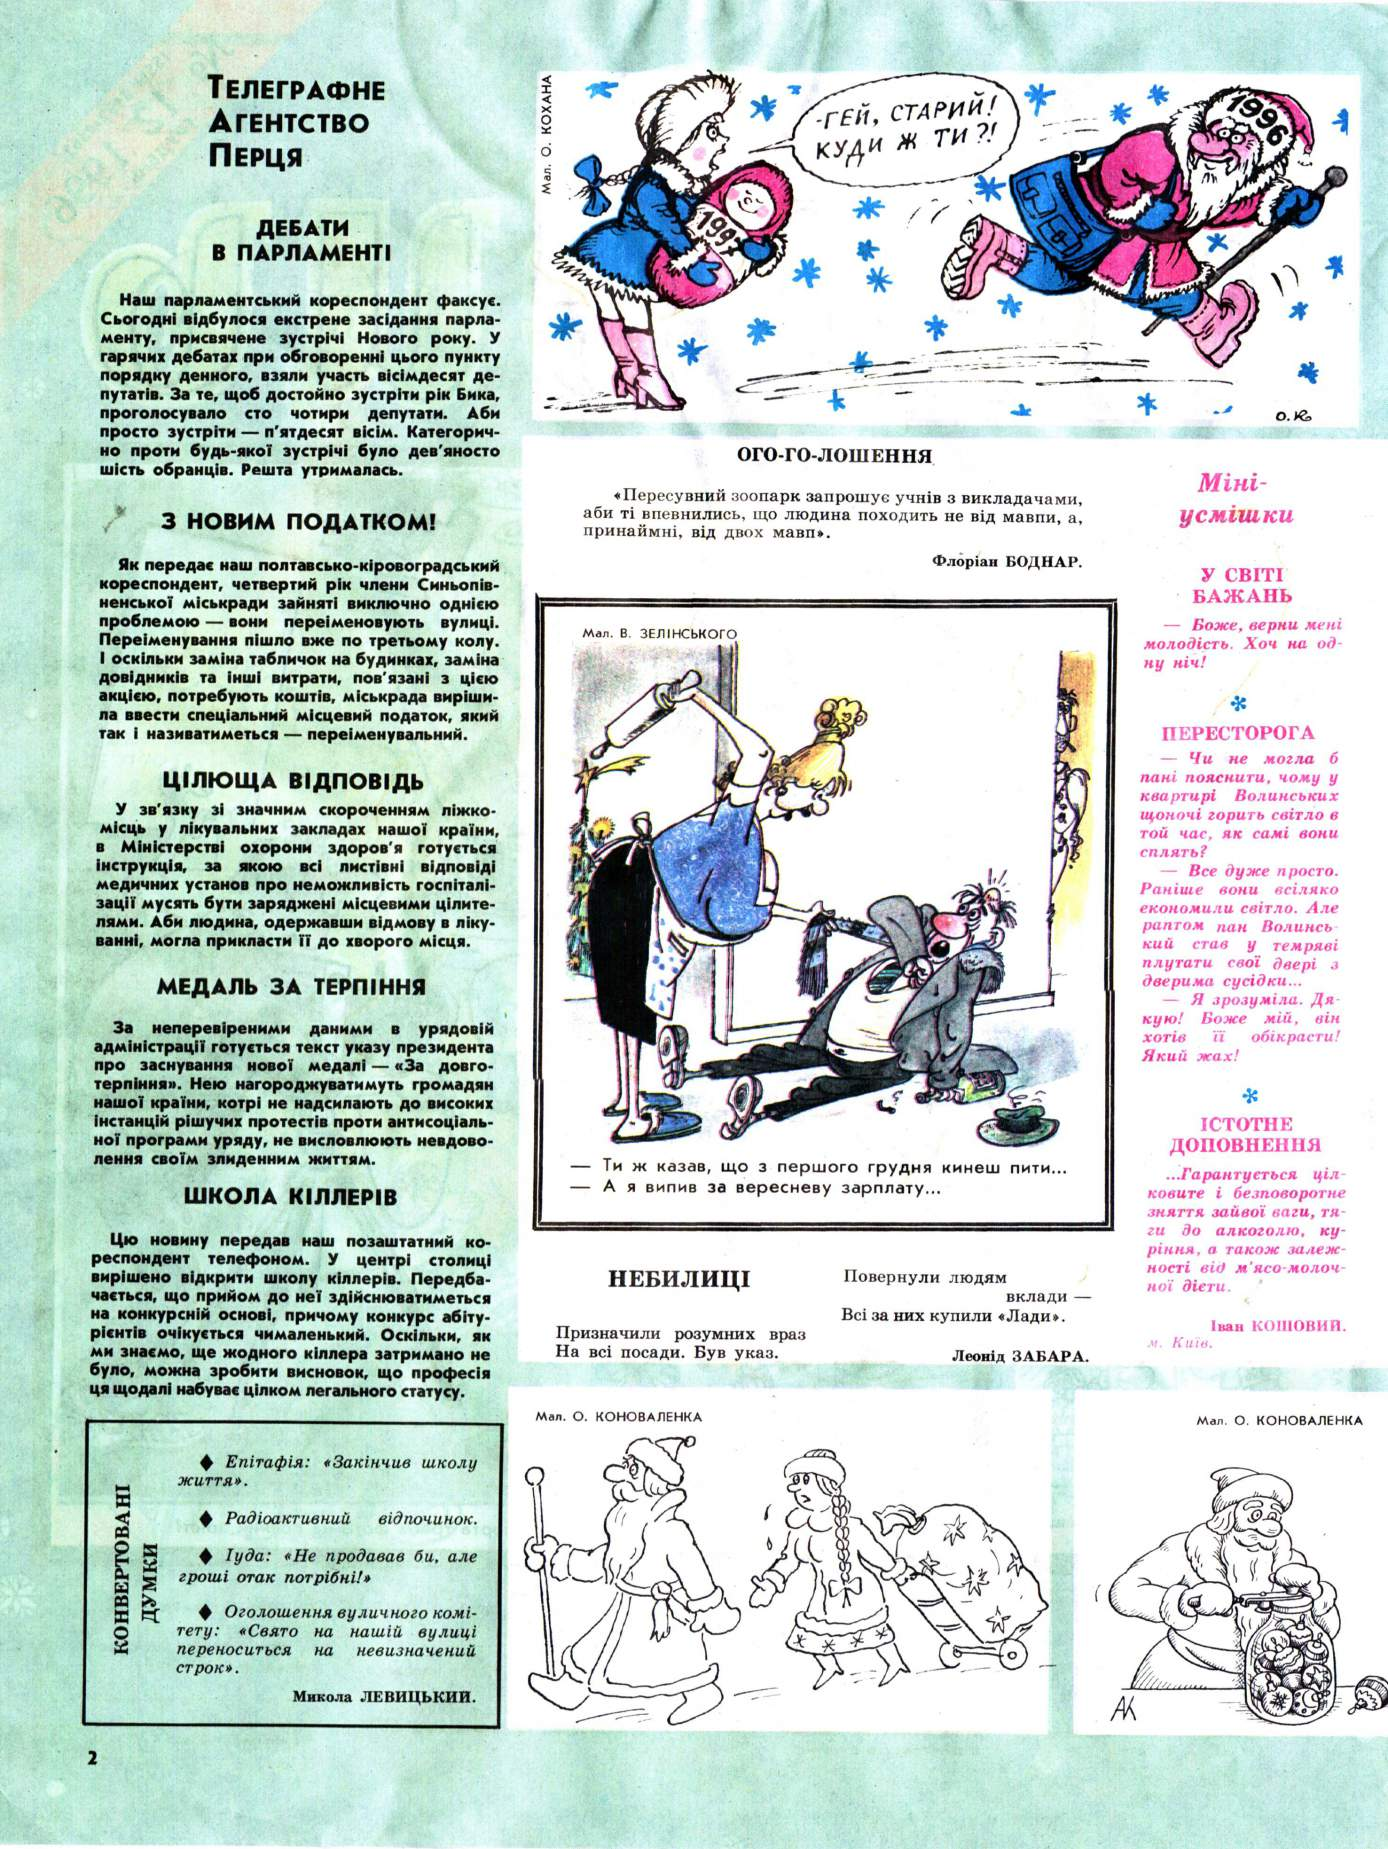 Журнал перець 1996 №12